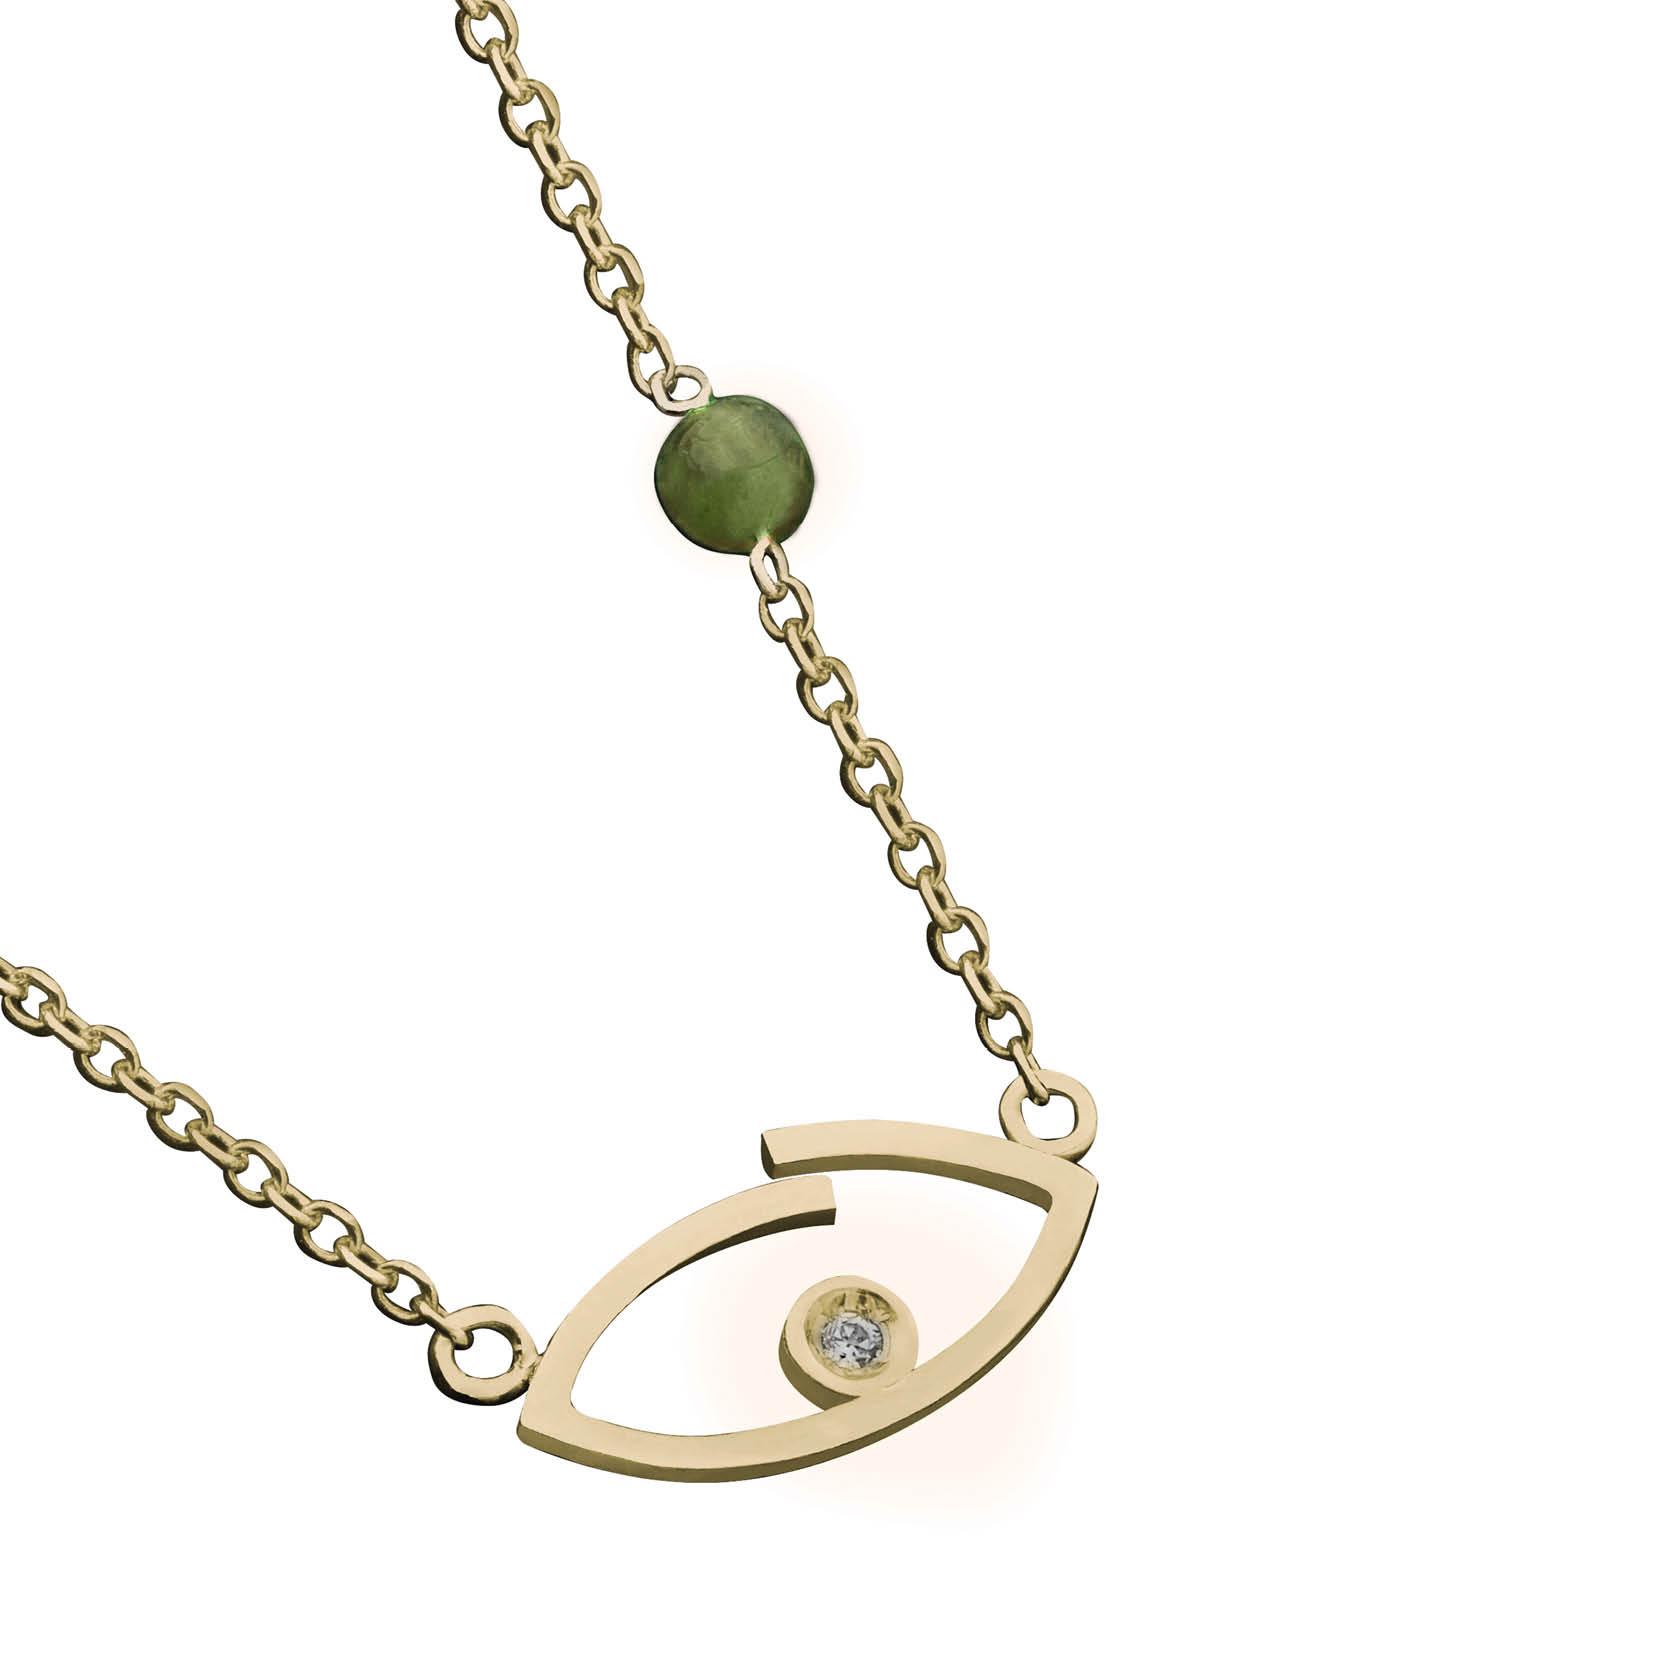 Κολιέ Μάτι με Ζιργκόν Χρυσός Κ14 - 03Ν372